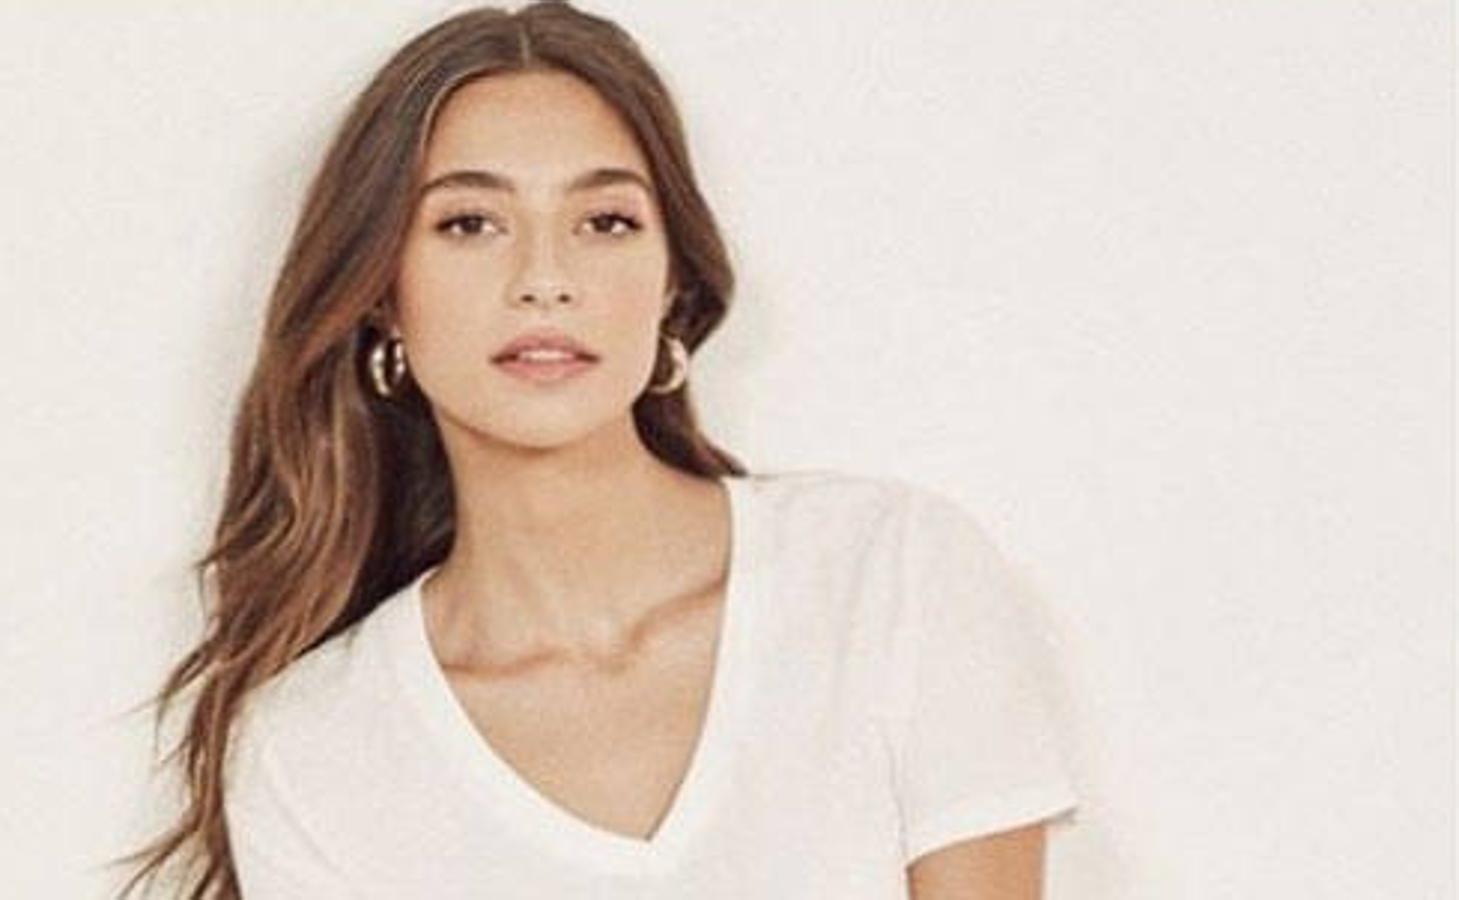 Así es Rocío Crusset, la hija modelo de Carlos Herrera y Mariló Montero